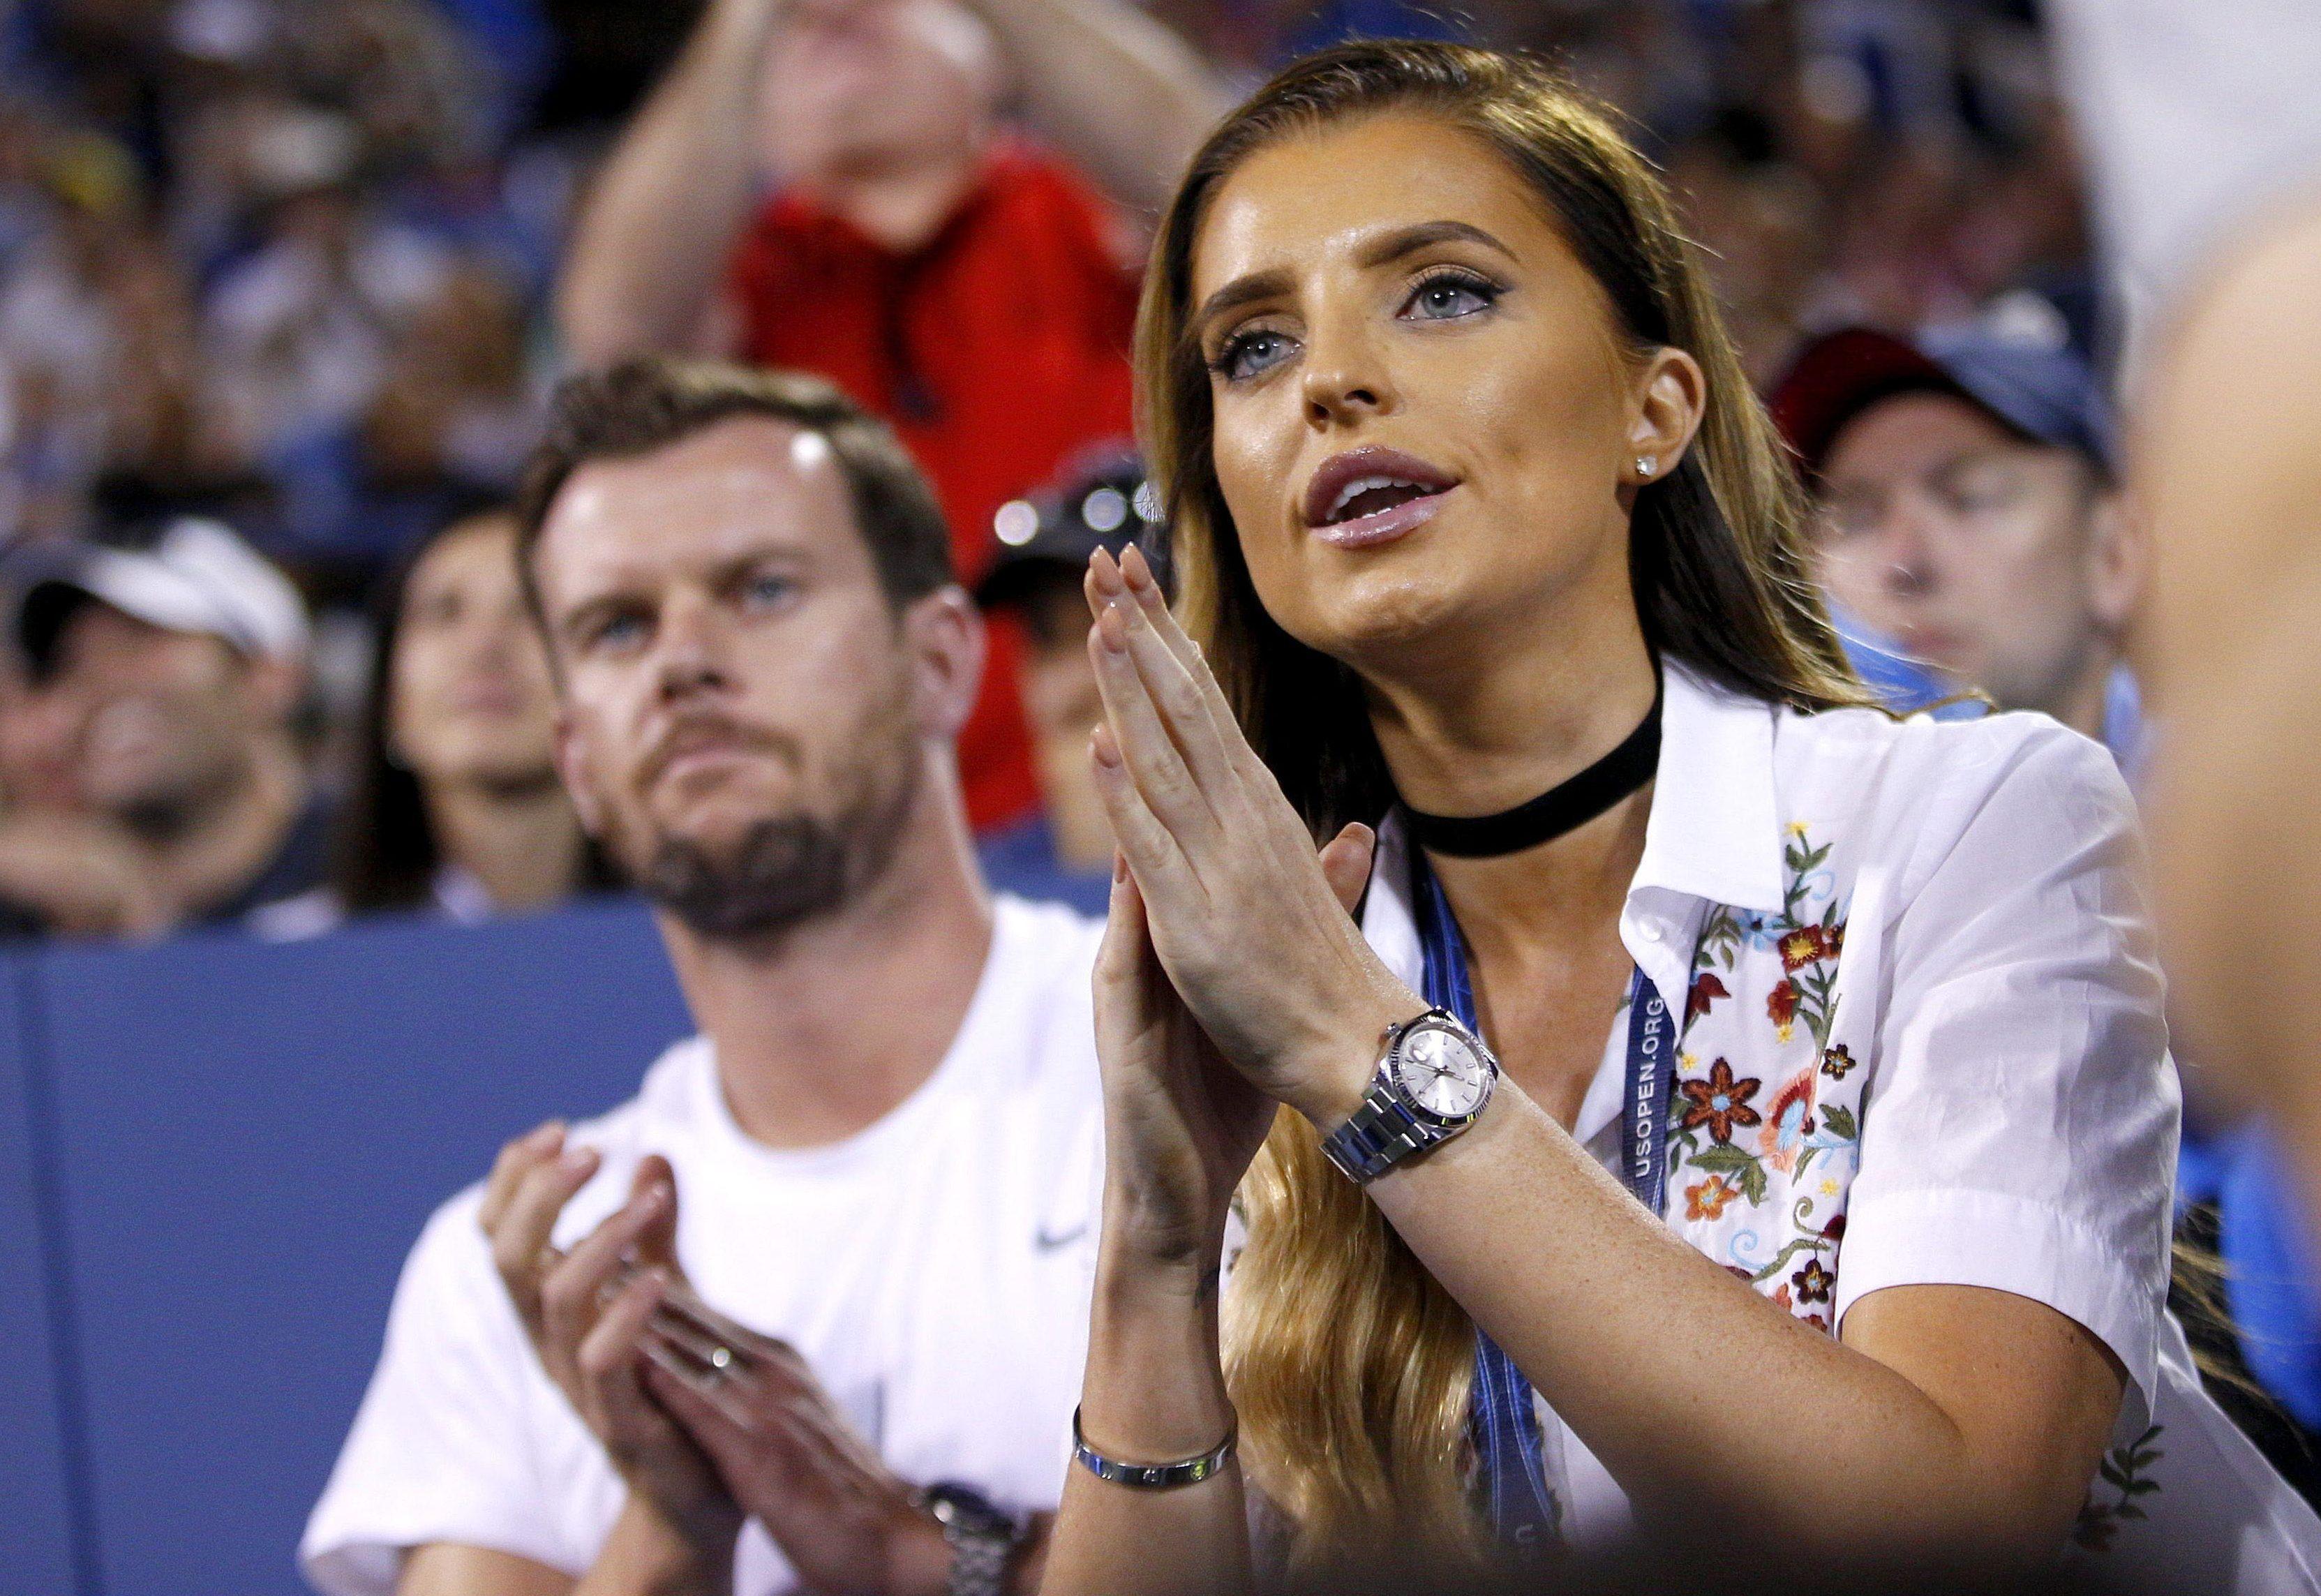 Dan Evans' girlfriend Aleah cheers him on during US Open